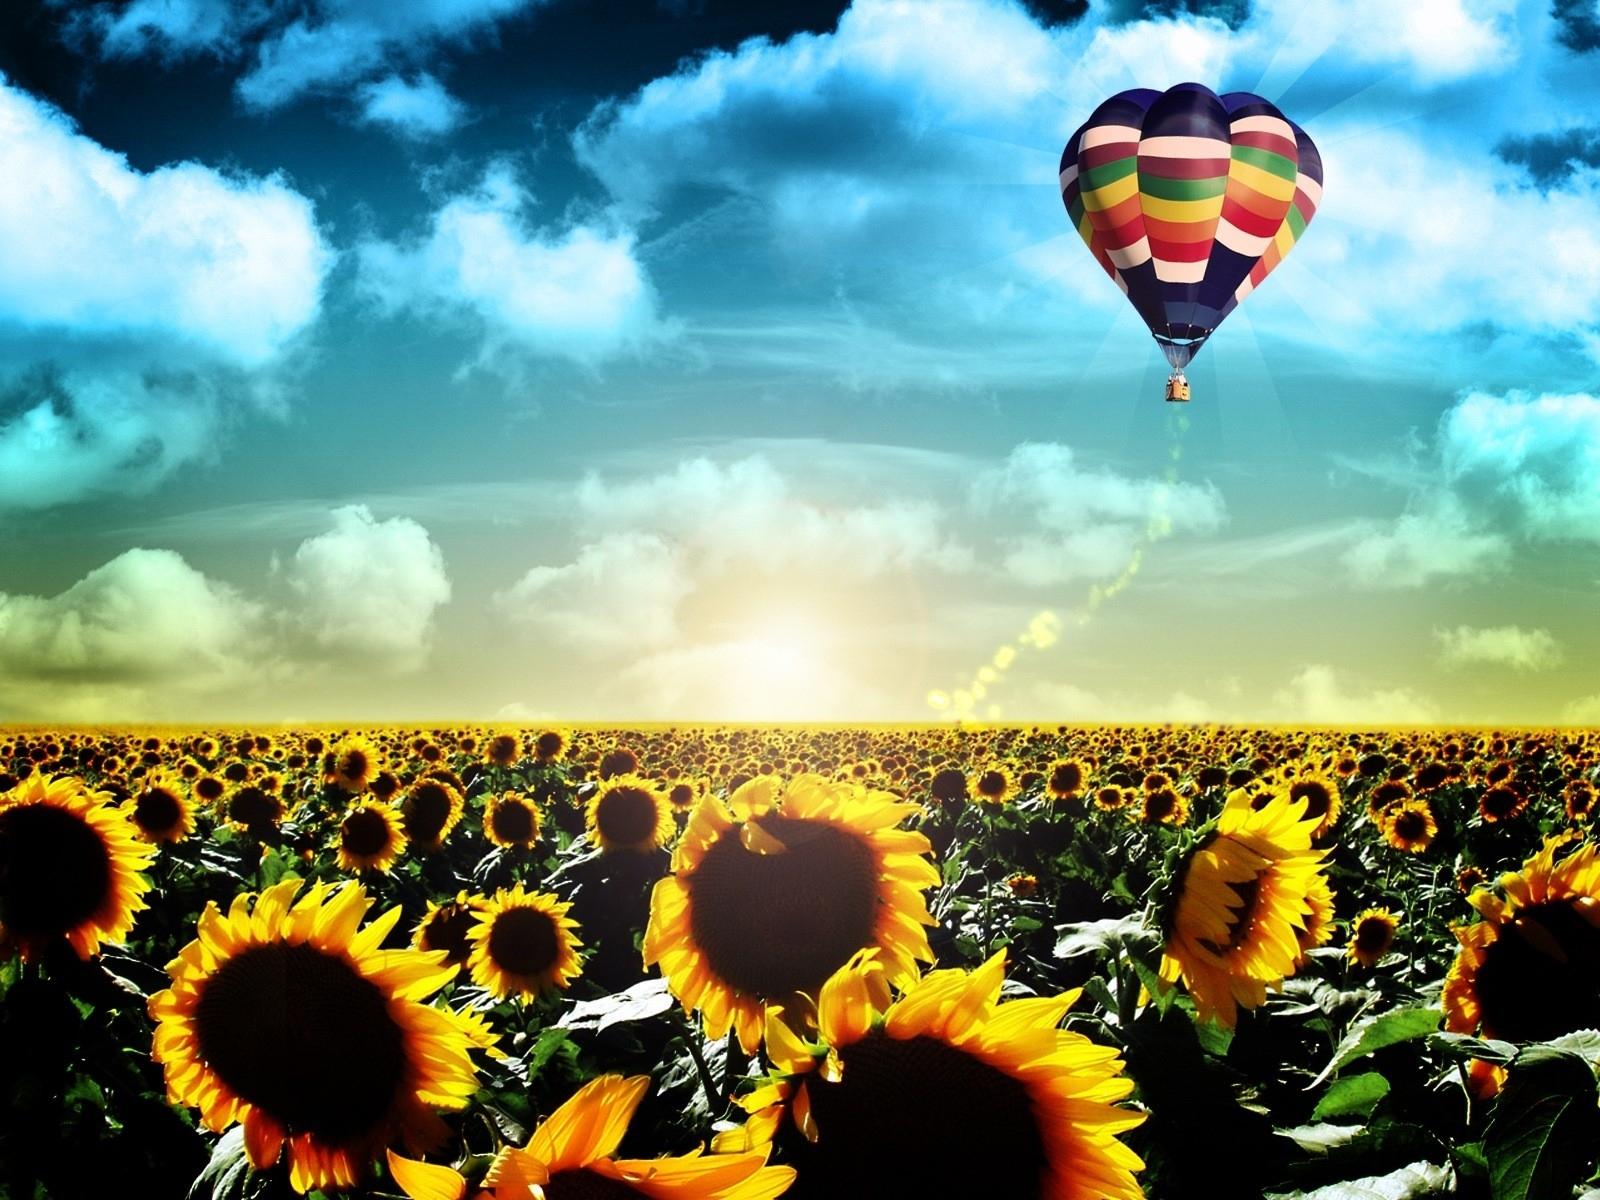 Картина раскраска по номерам 40x50 Воздушный шар над полем ...